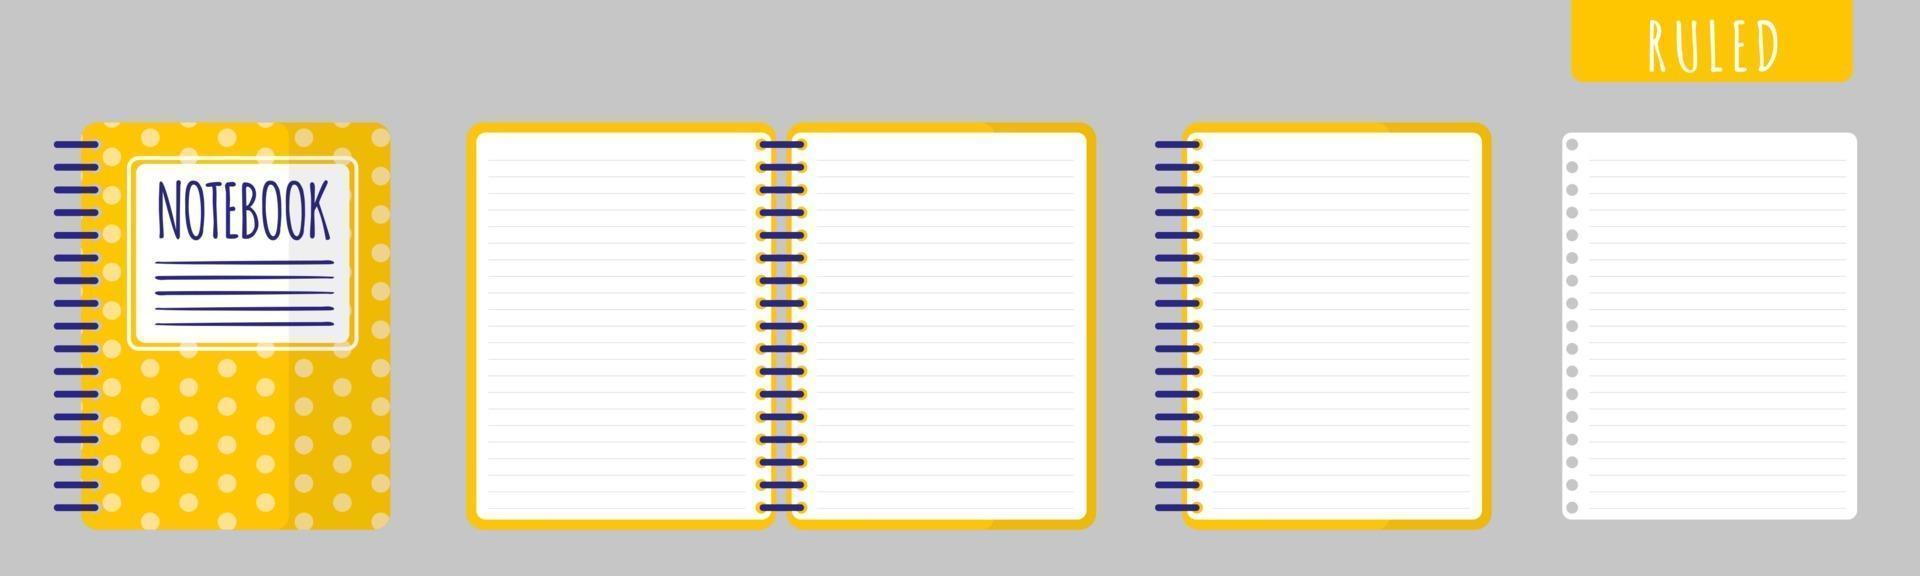 Vektorkarikaturillustration mit regiertem Notizbuch, offenem Notizbuch und leeren Blättern auf weißem Hintergrund. vektor